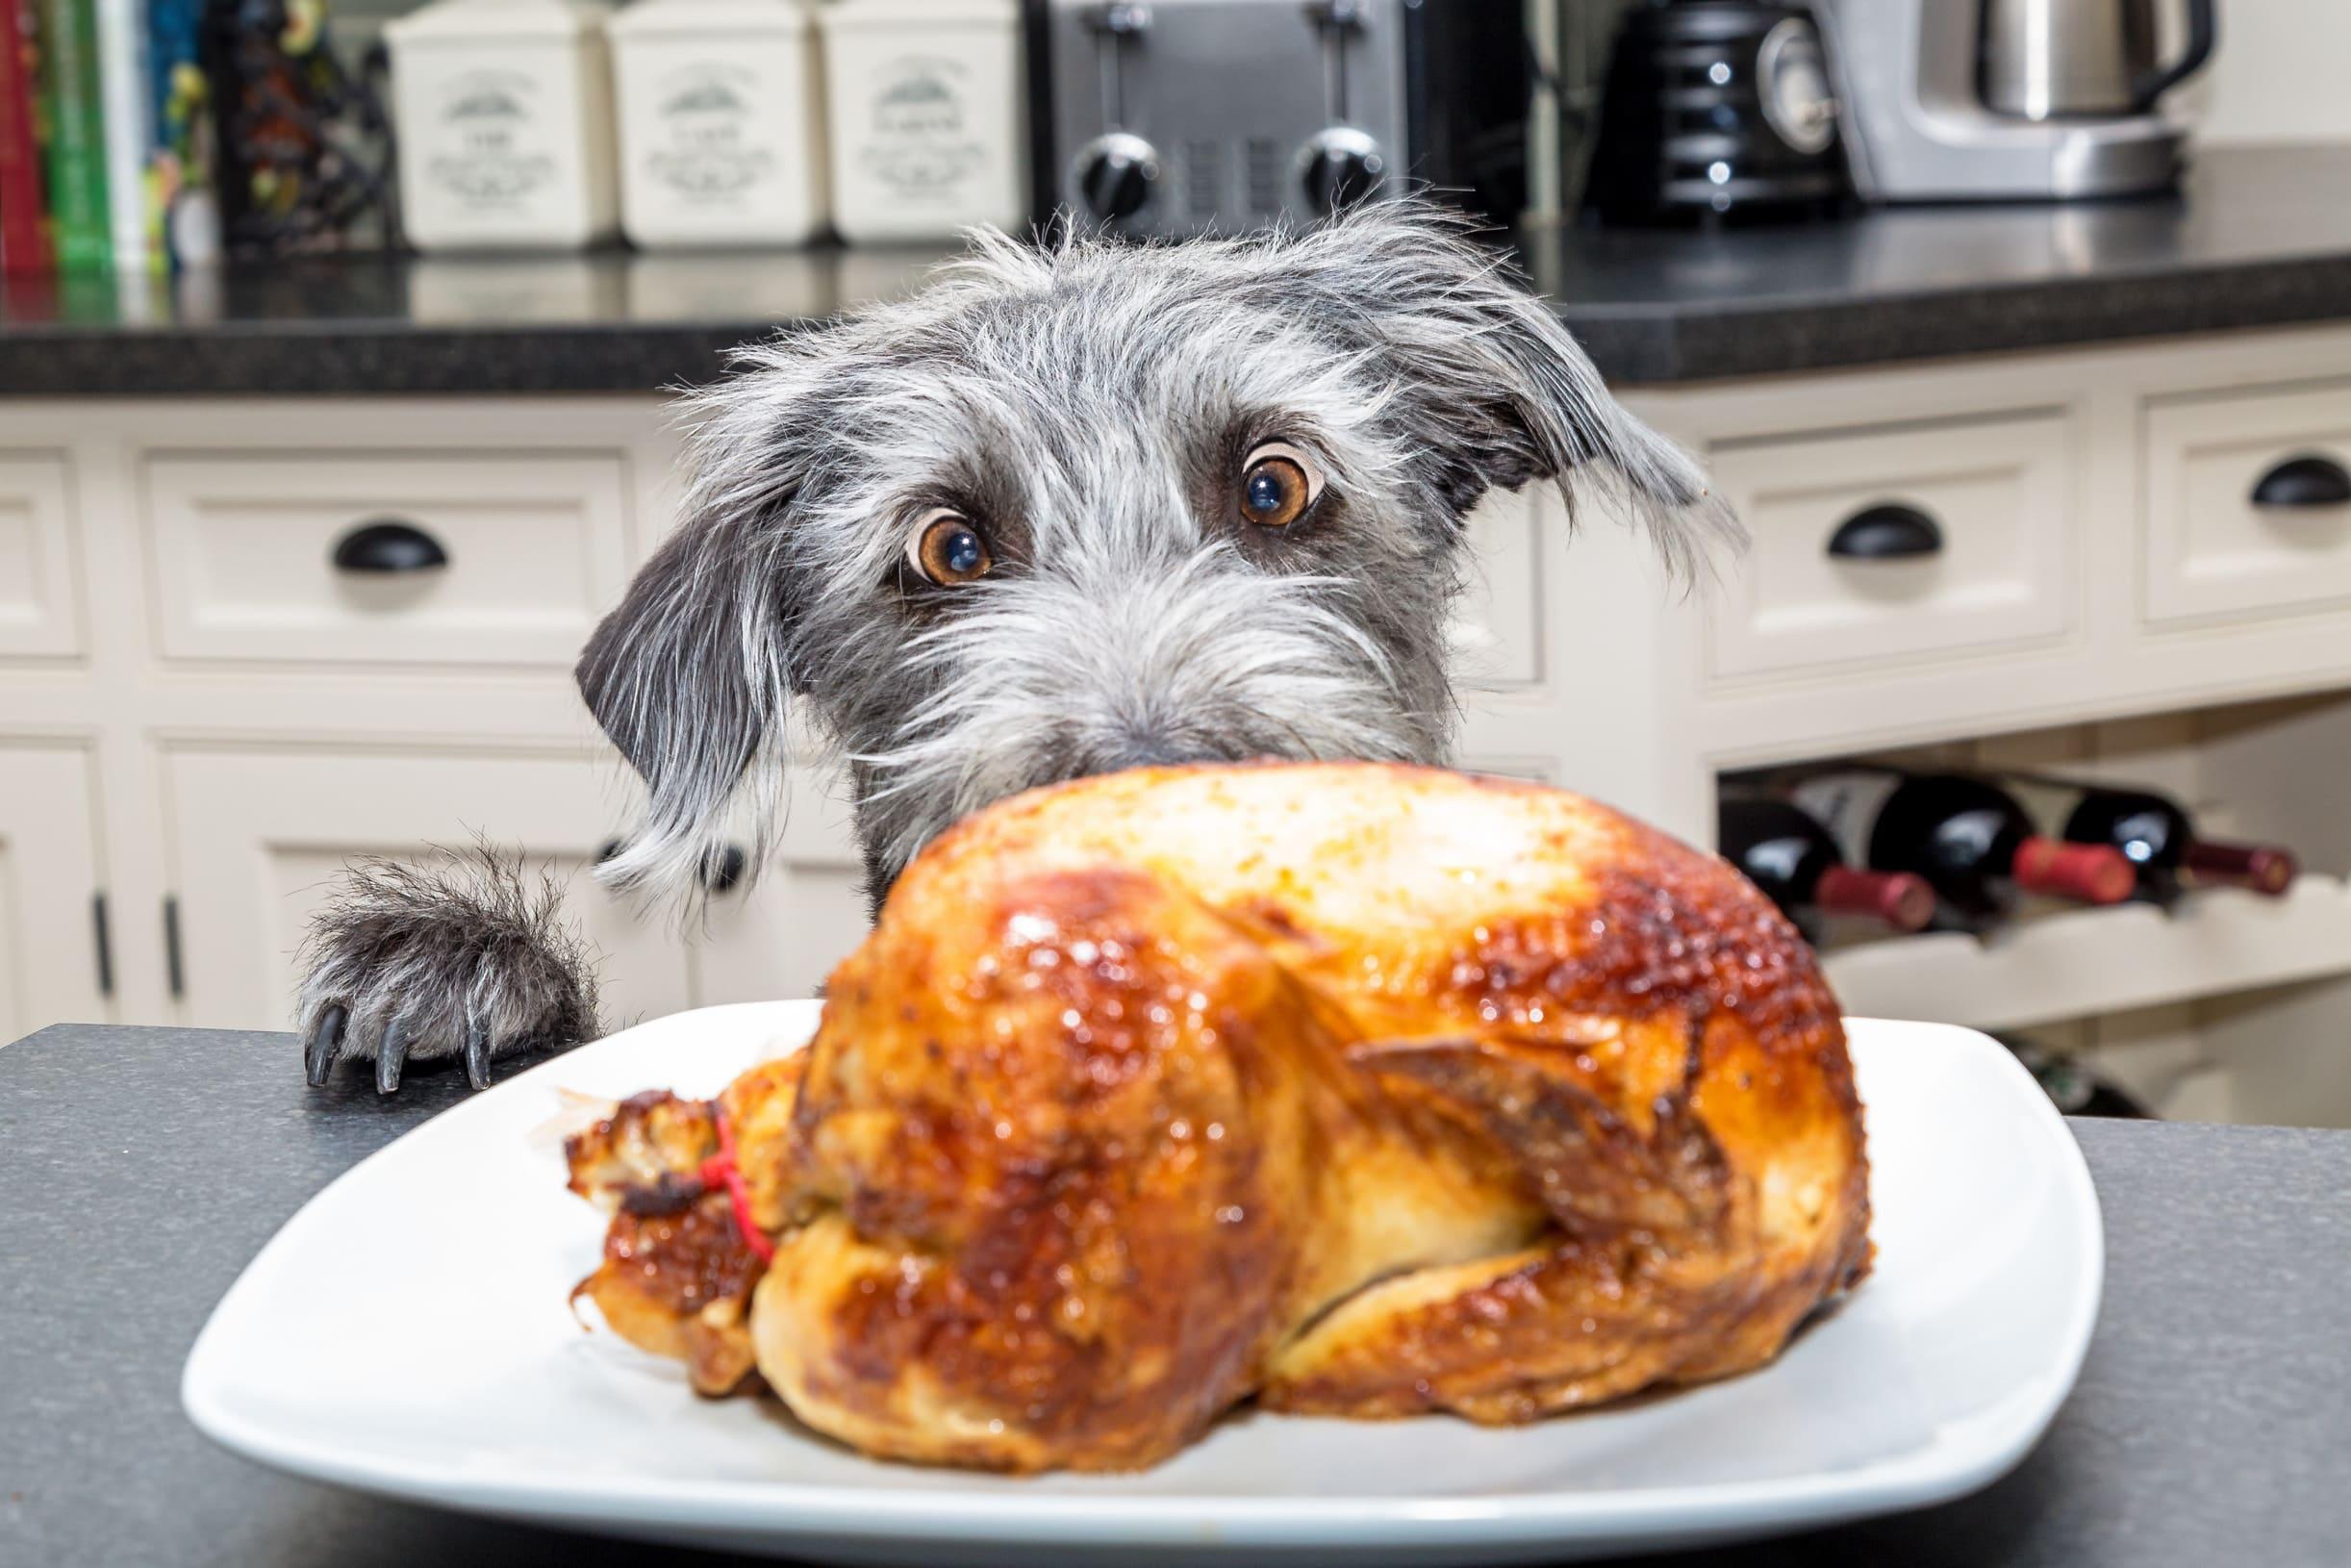 Barfen Hund schielt auf ein Hähnchen